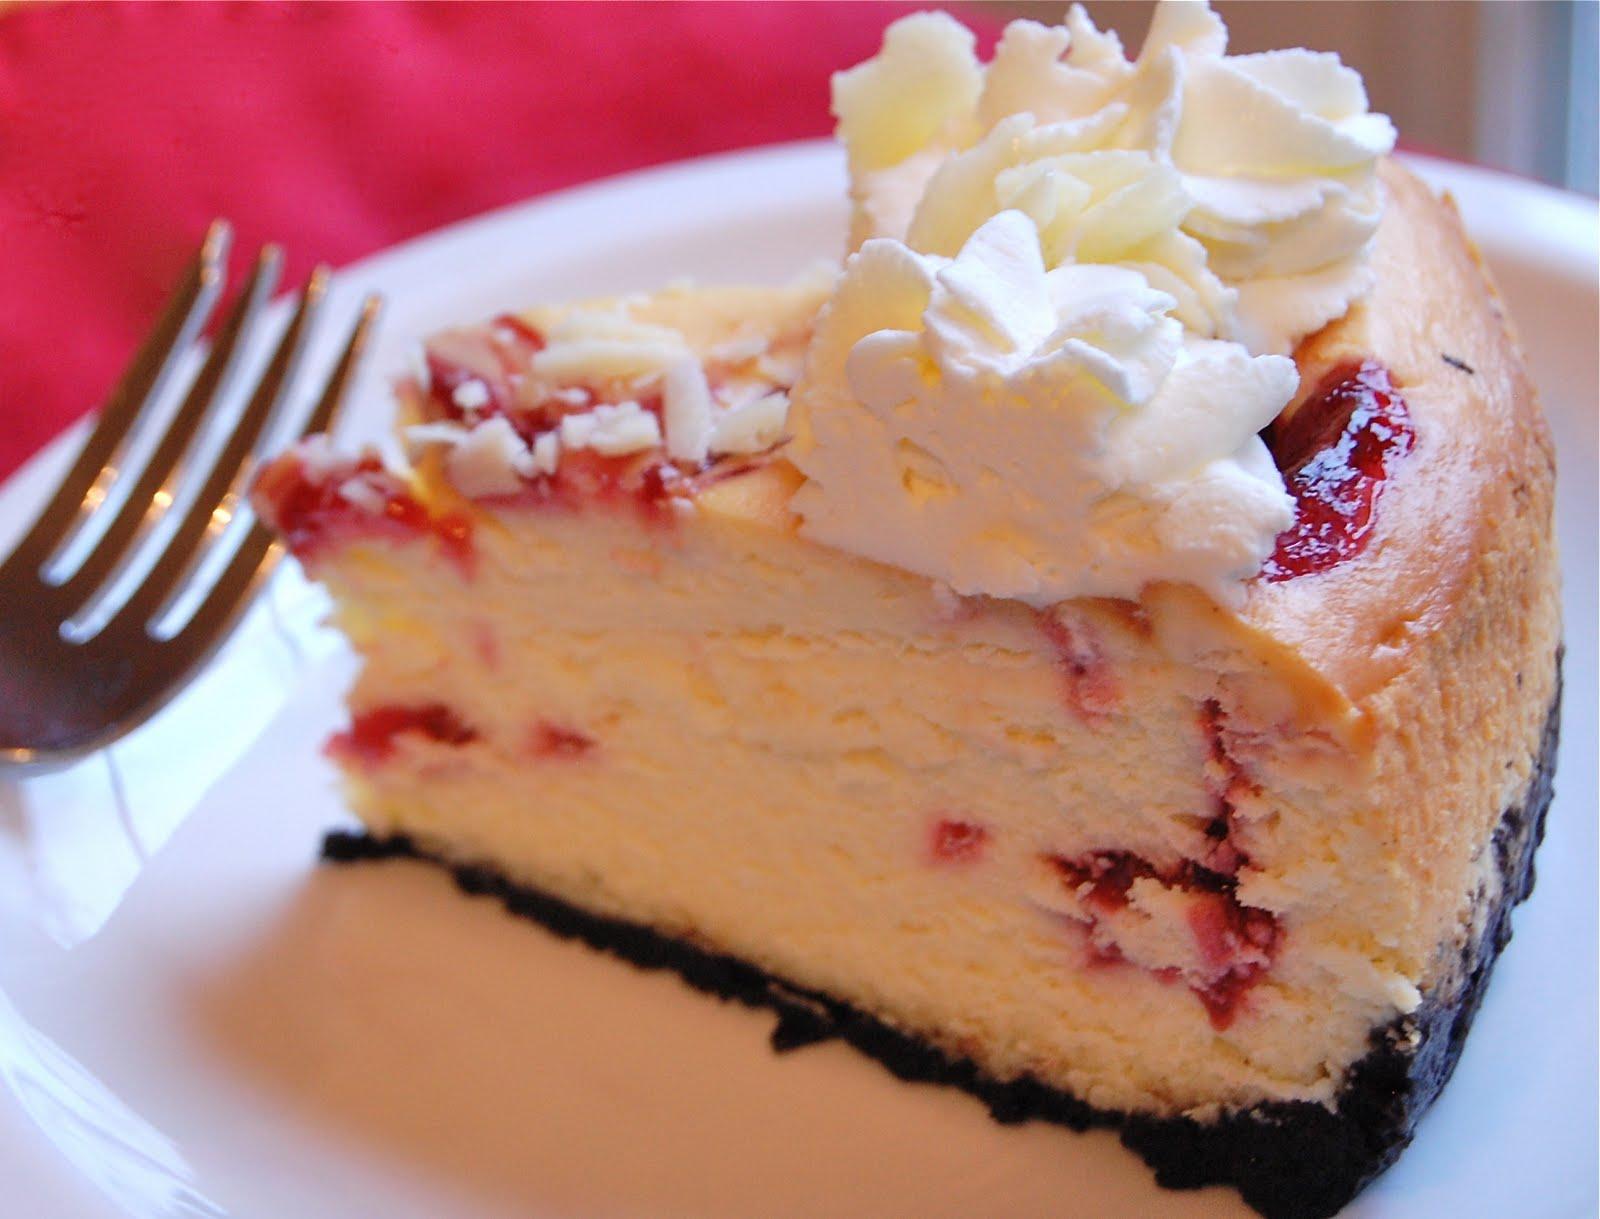 ... : Cheesecake Factory's White Chocolate Raspberry Truffle Cheesecake